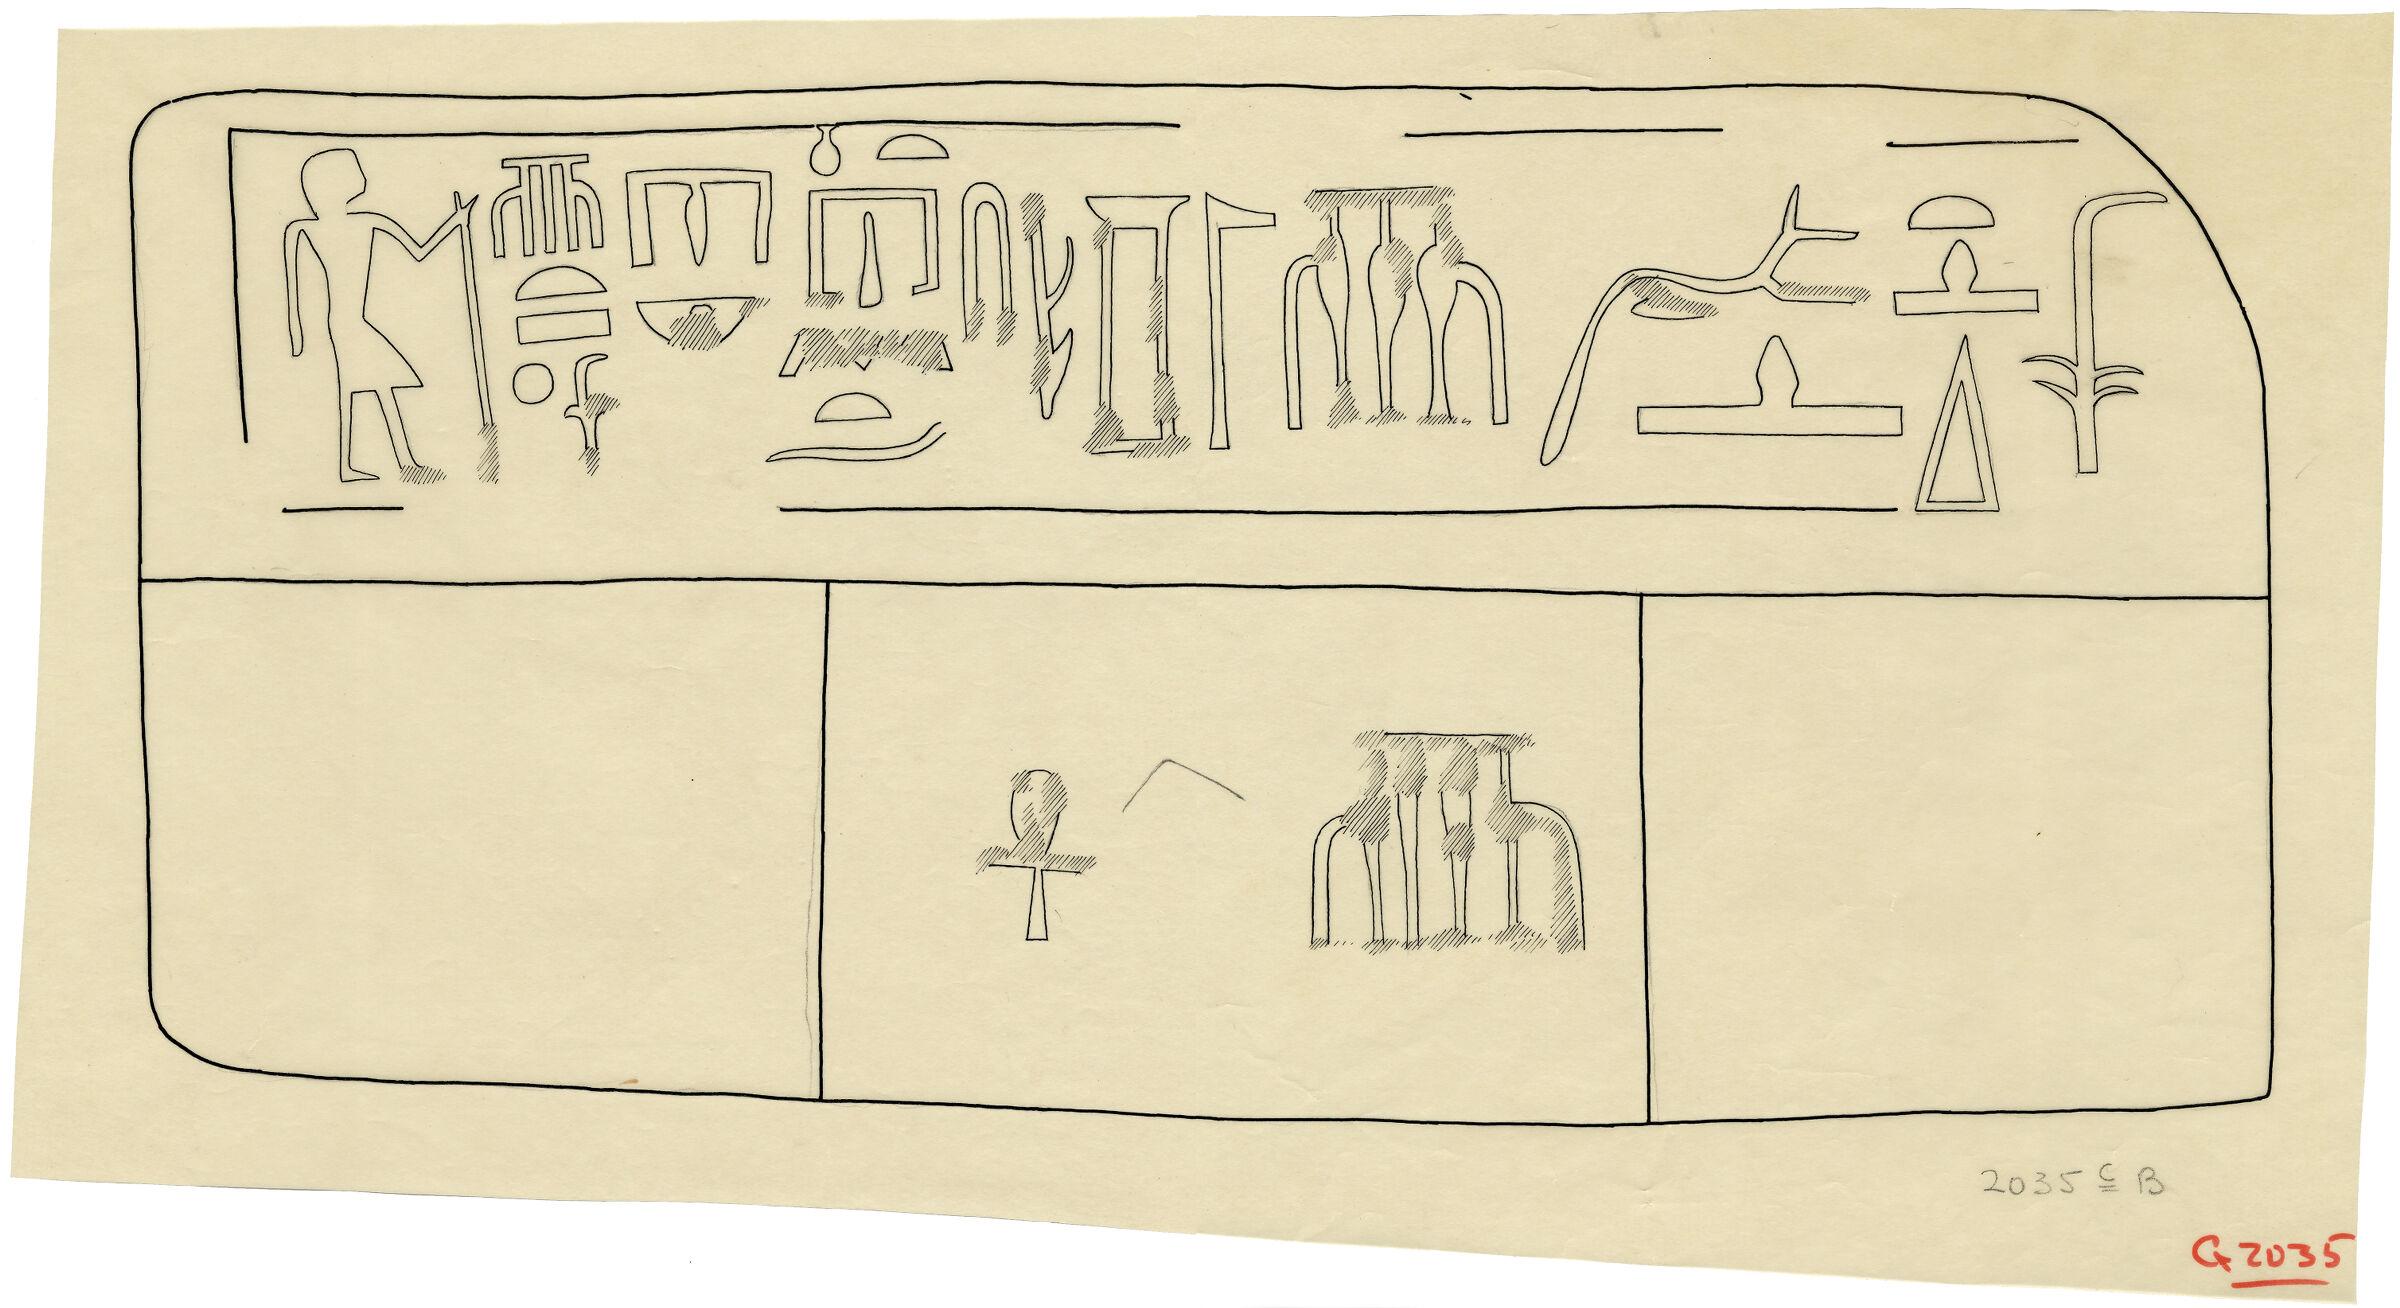 Drawings: G 2035c, Shaft B: false door of Ankh